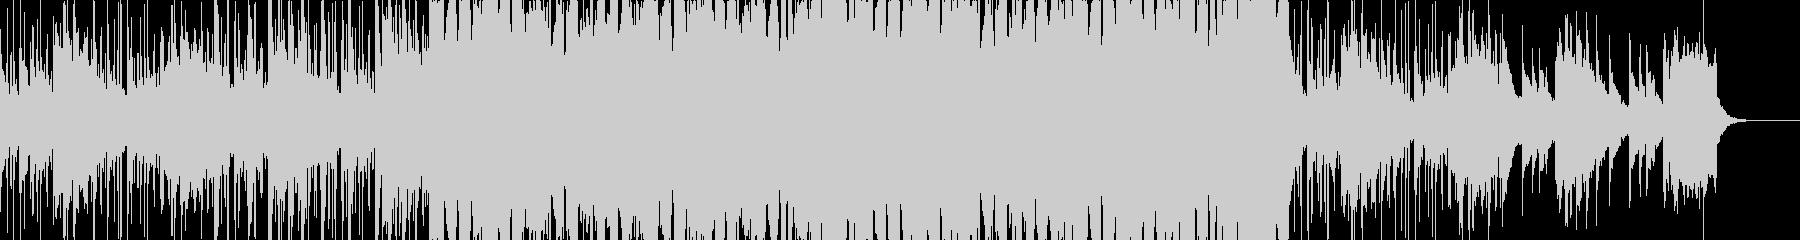 アフリカンな感じのBGMの未再生の波形